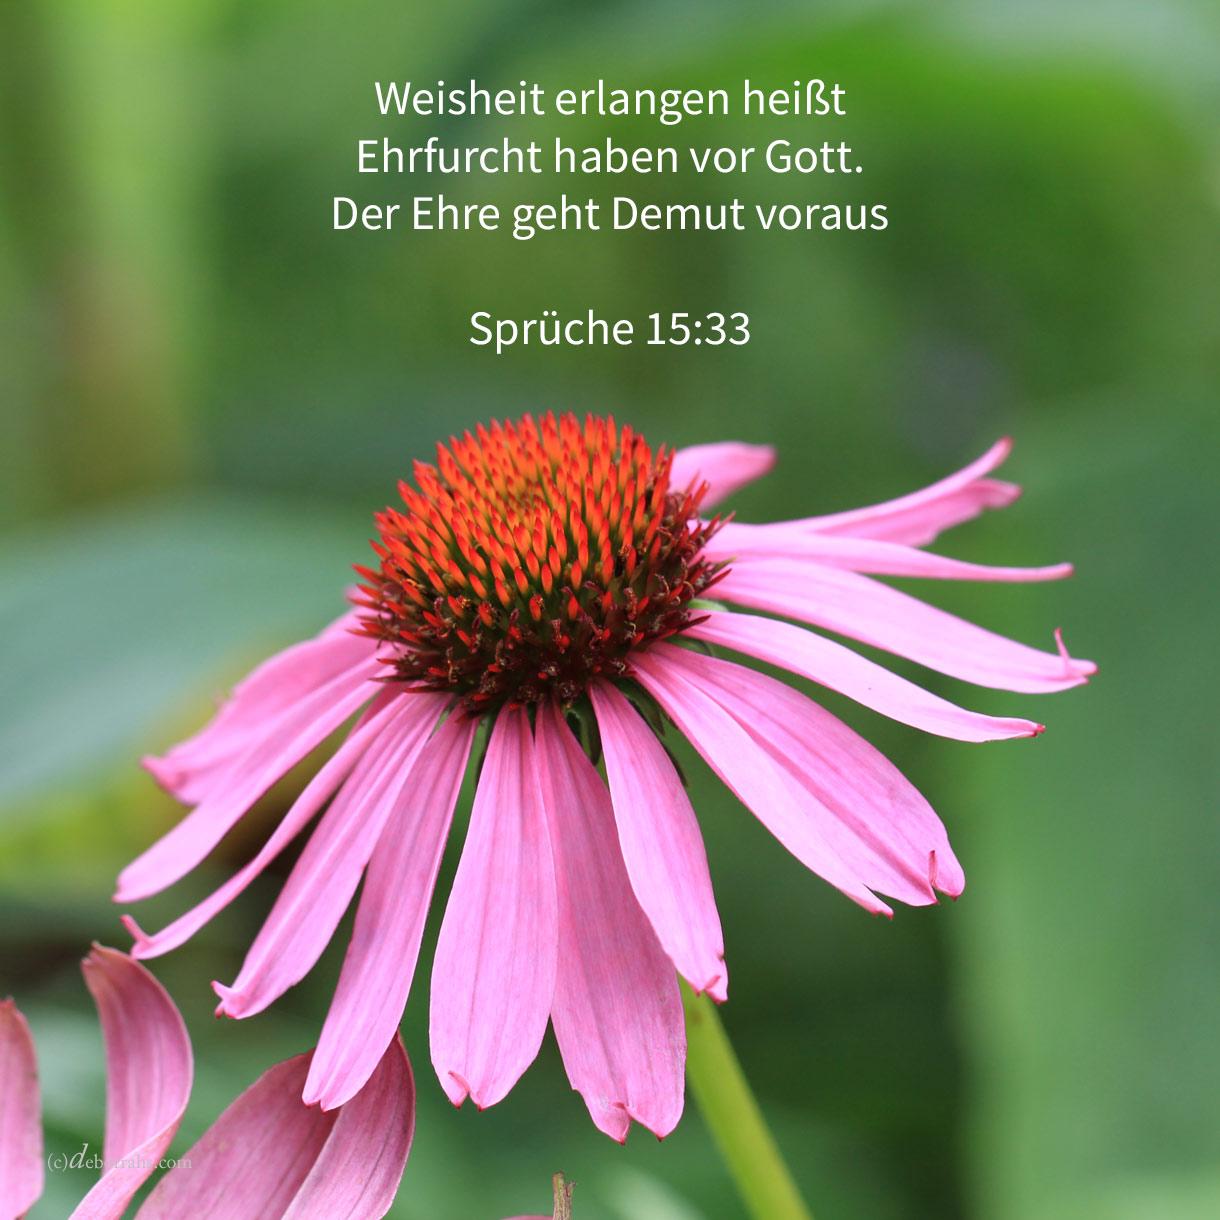 Die Furcht Jehovas ist Unterweisung zur Weisheit, und der Ehre geht Demut voraus ( Sprüche 15,33 )